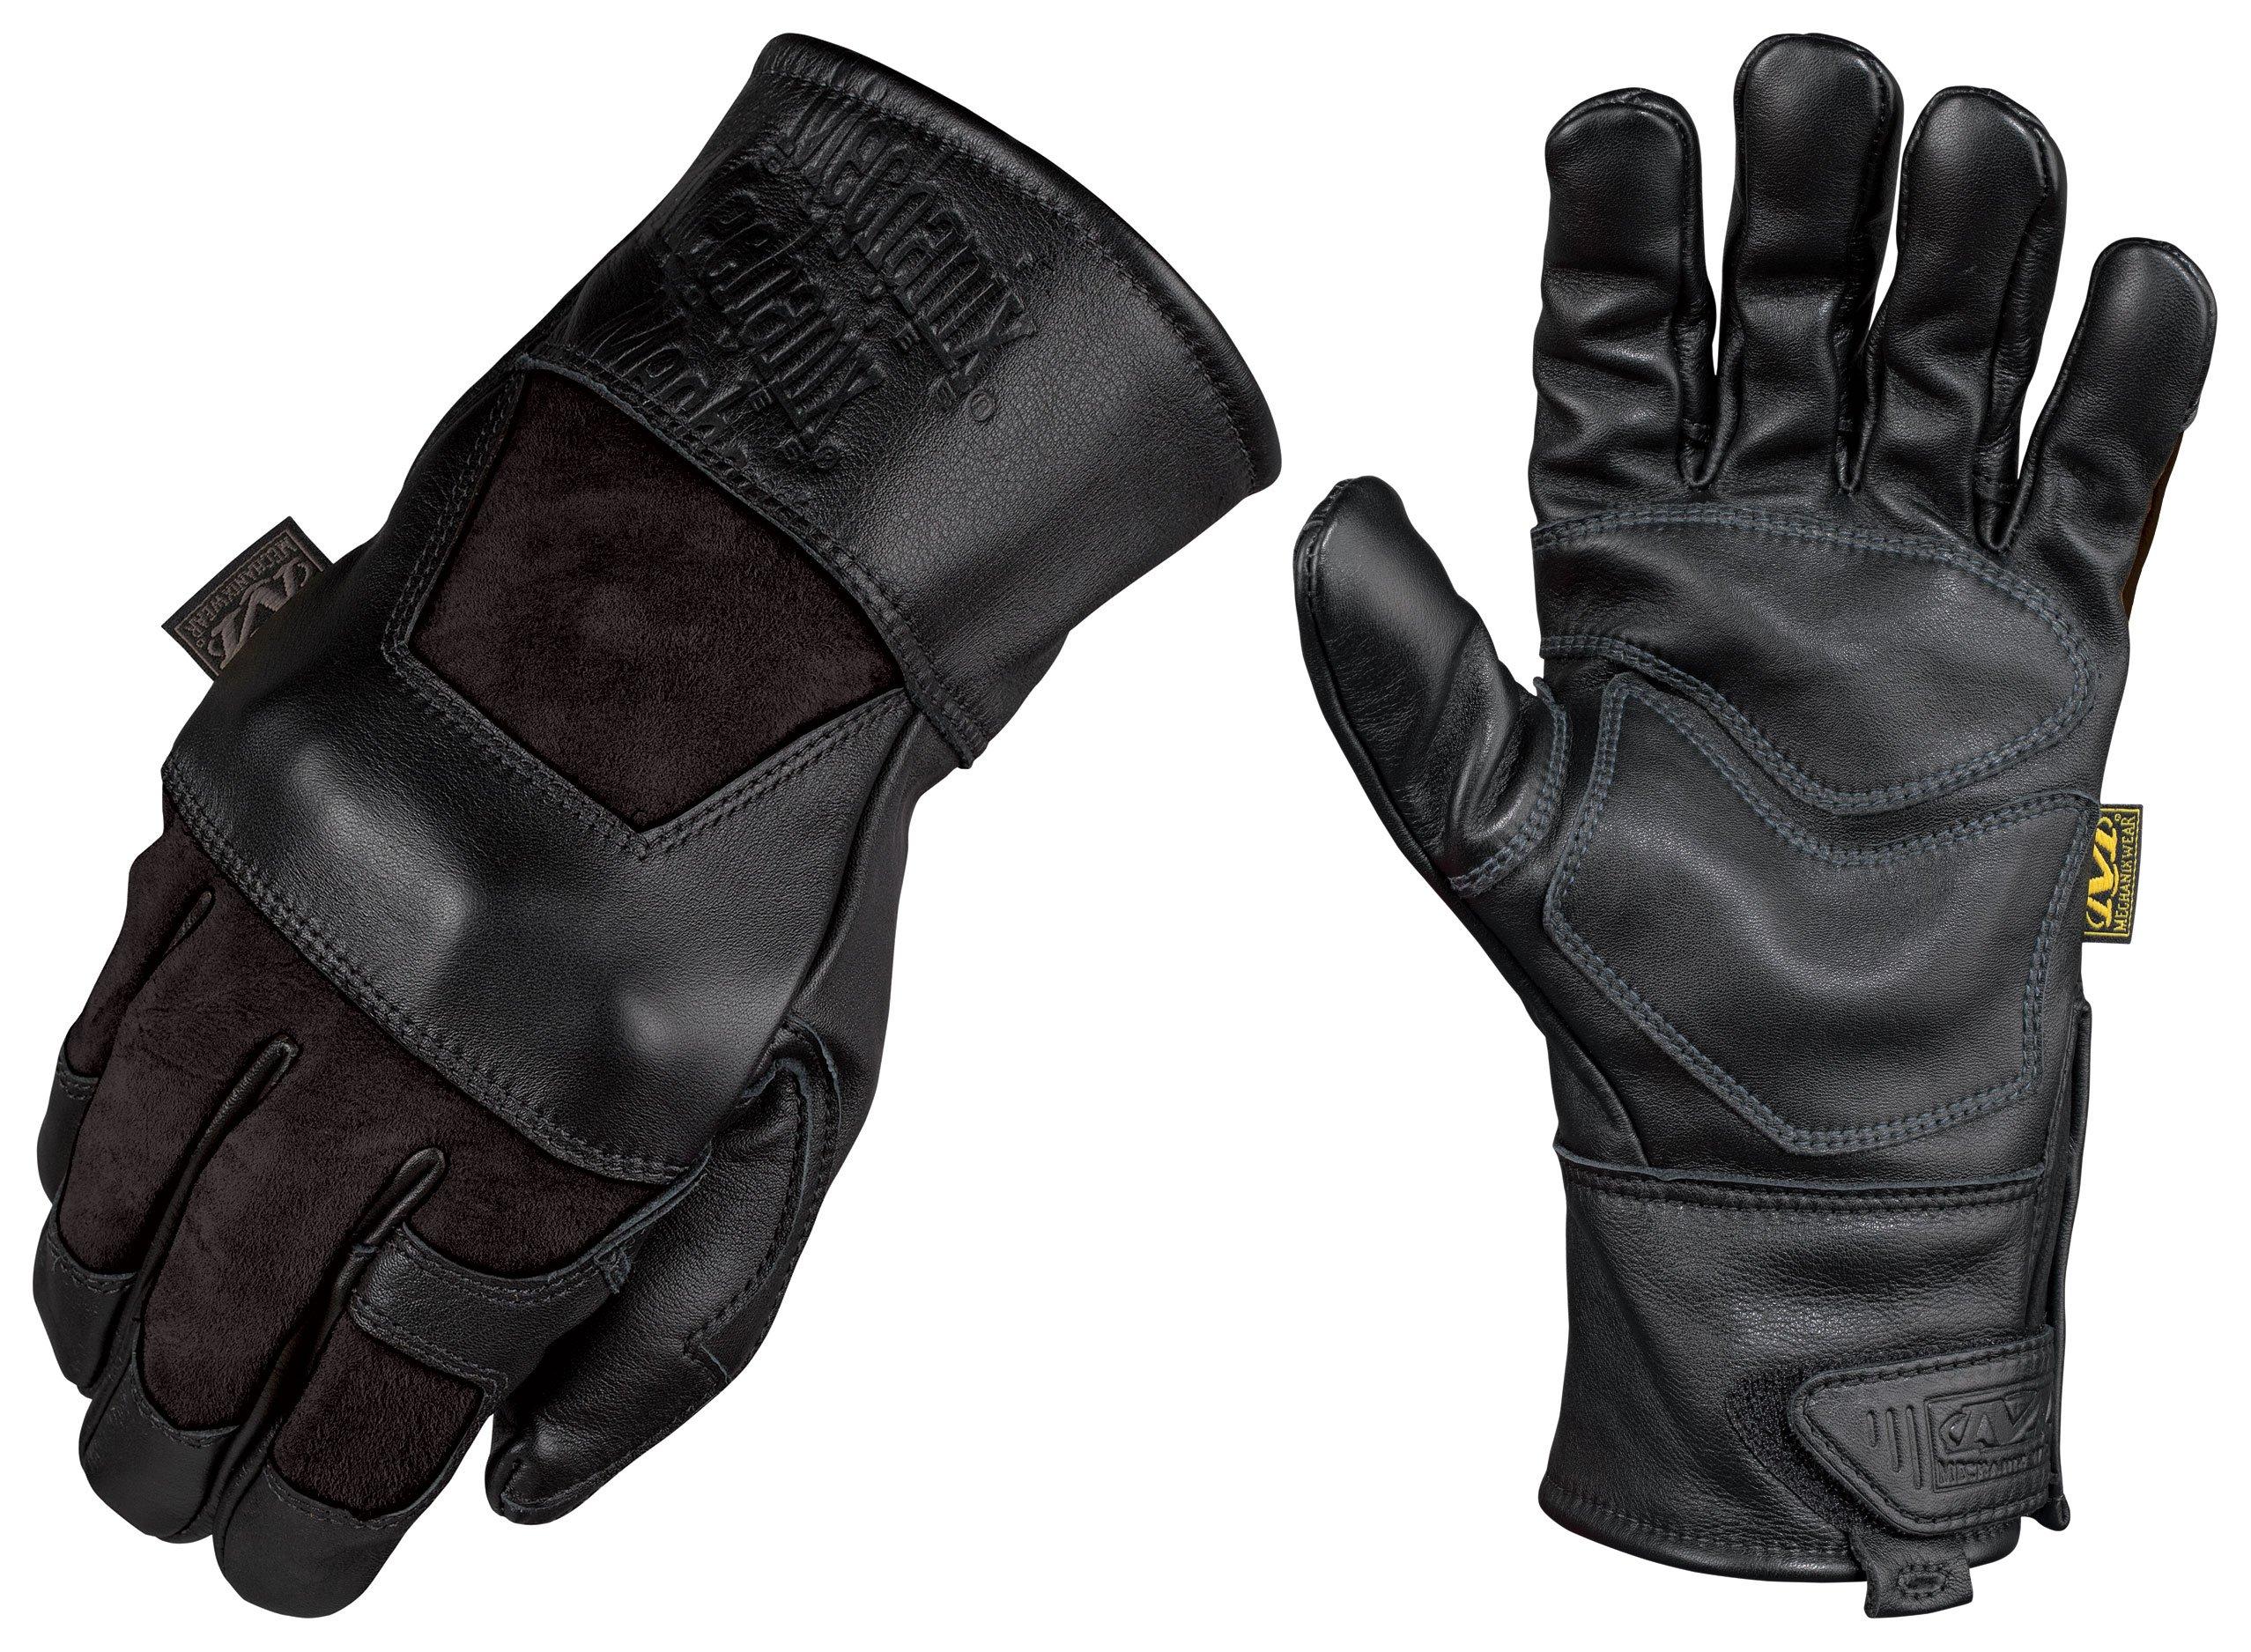 Mechanix Wear - Fabricator Gloves (Large, Black) by Mechanix Wear